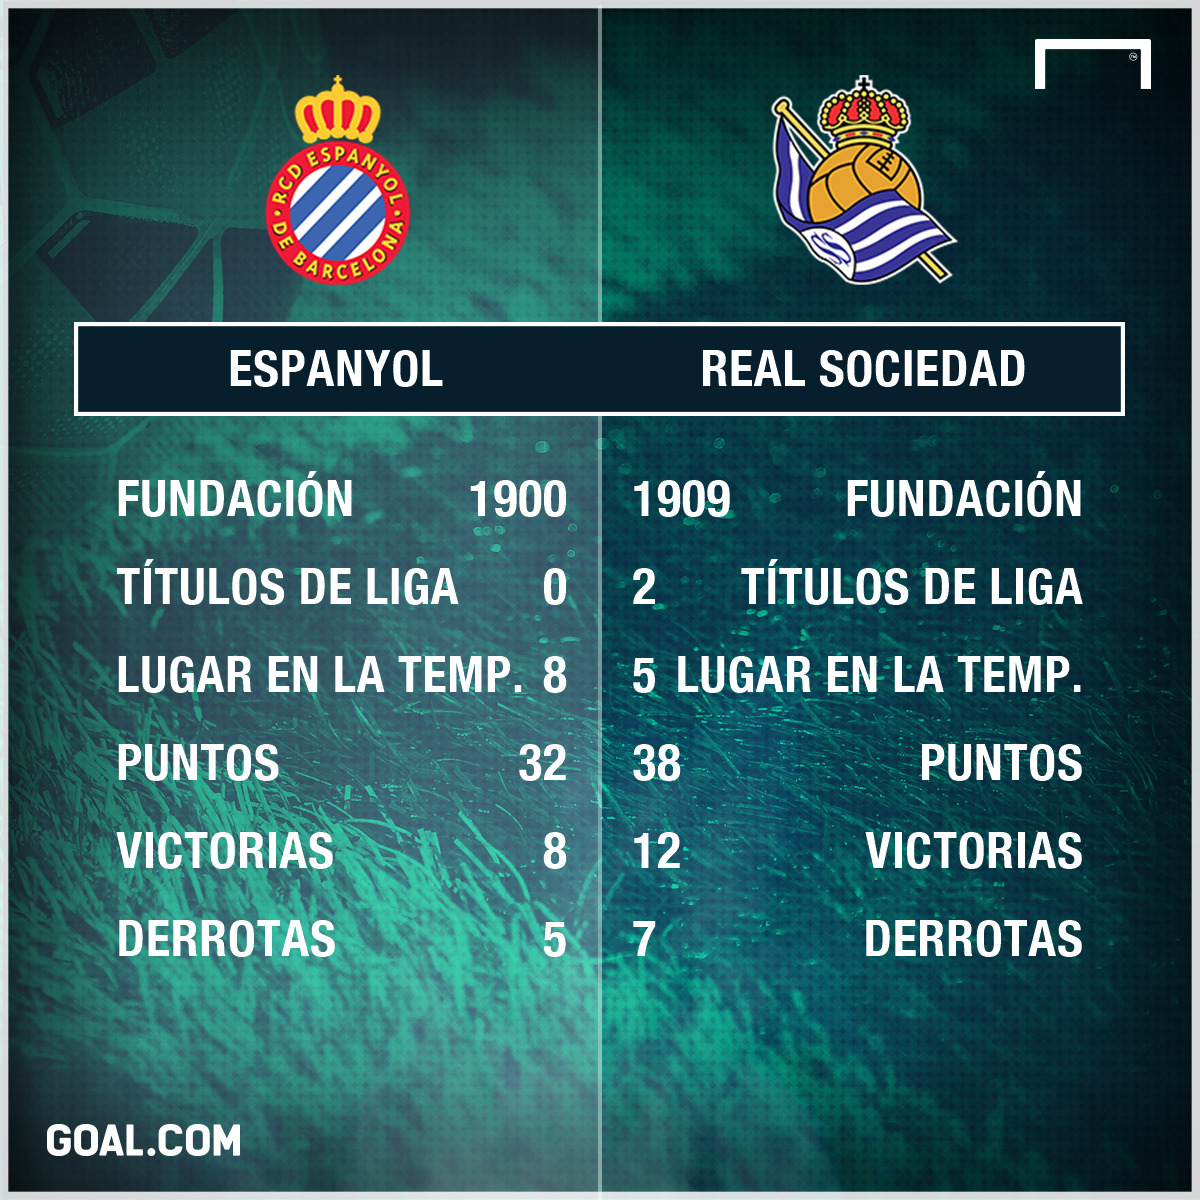 Real Sociedad ganó y desplazó al Atlético